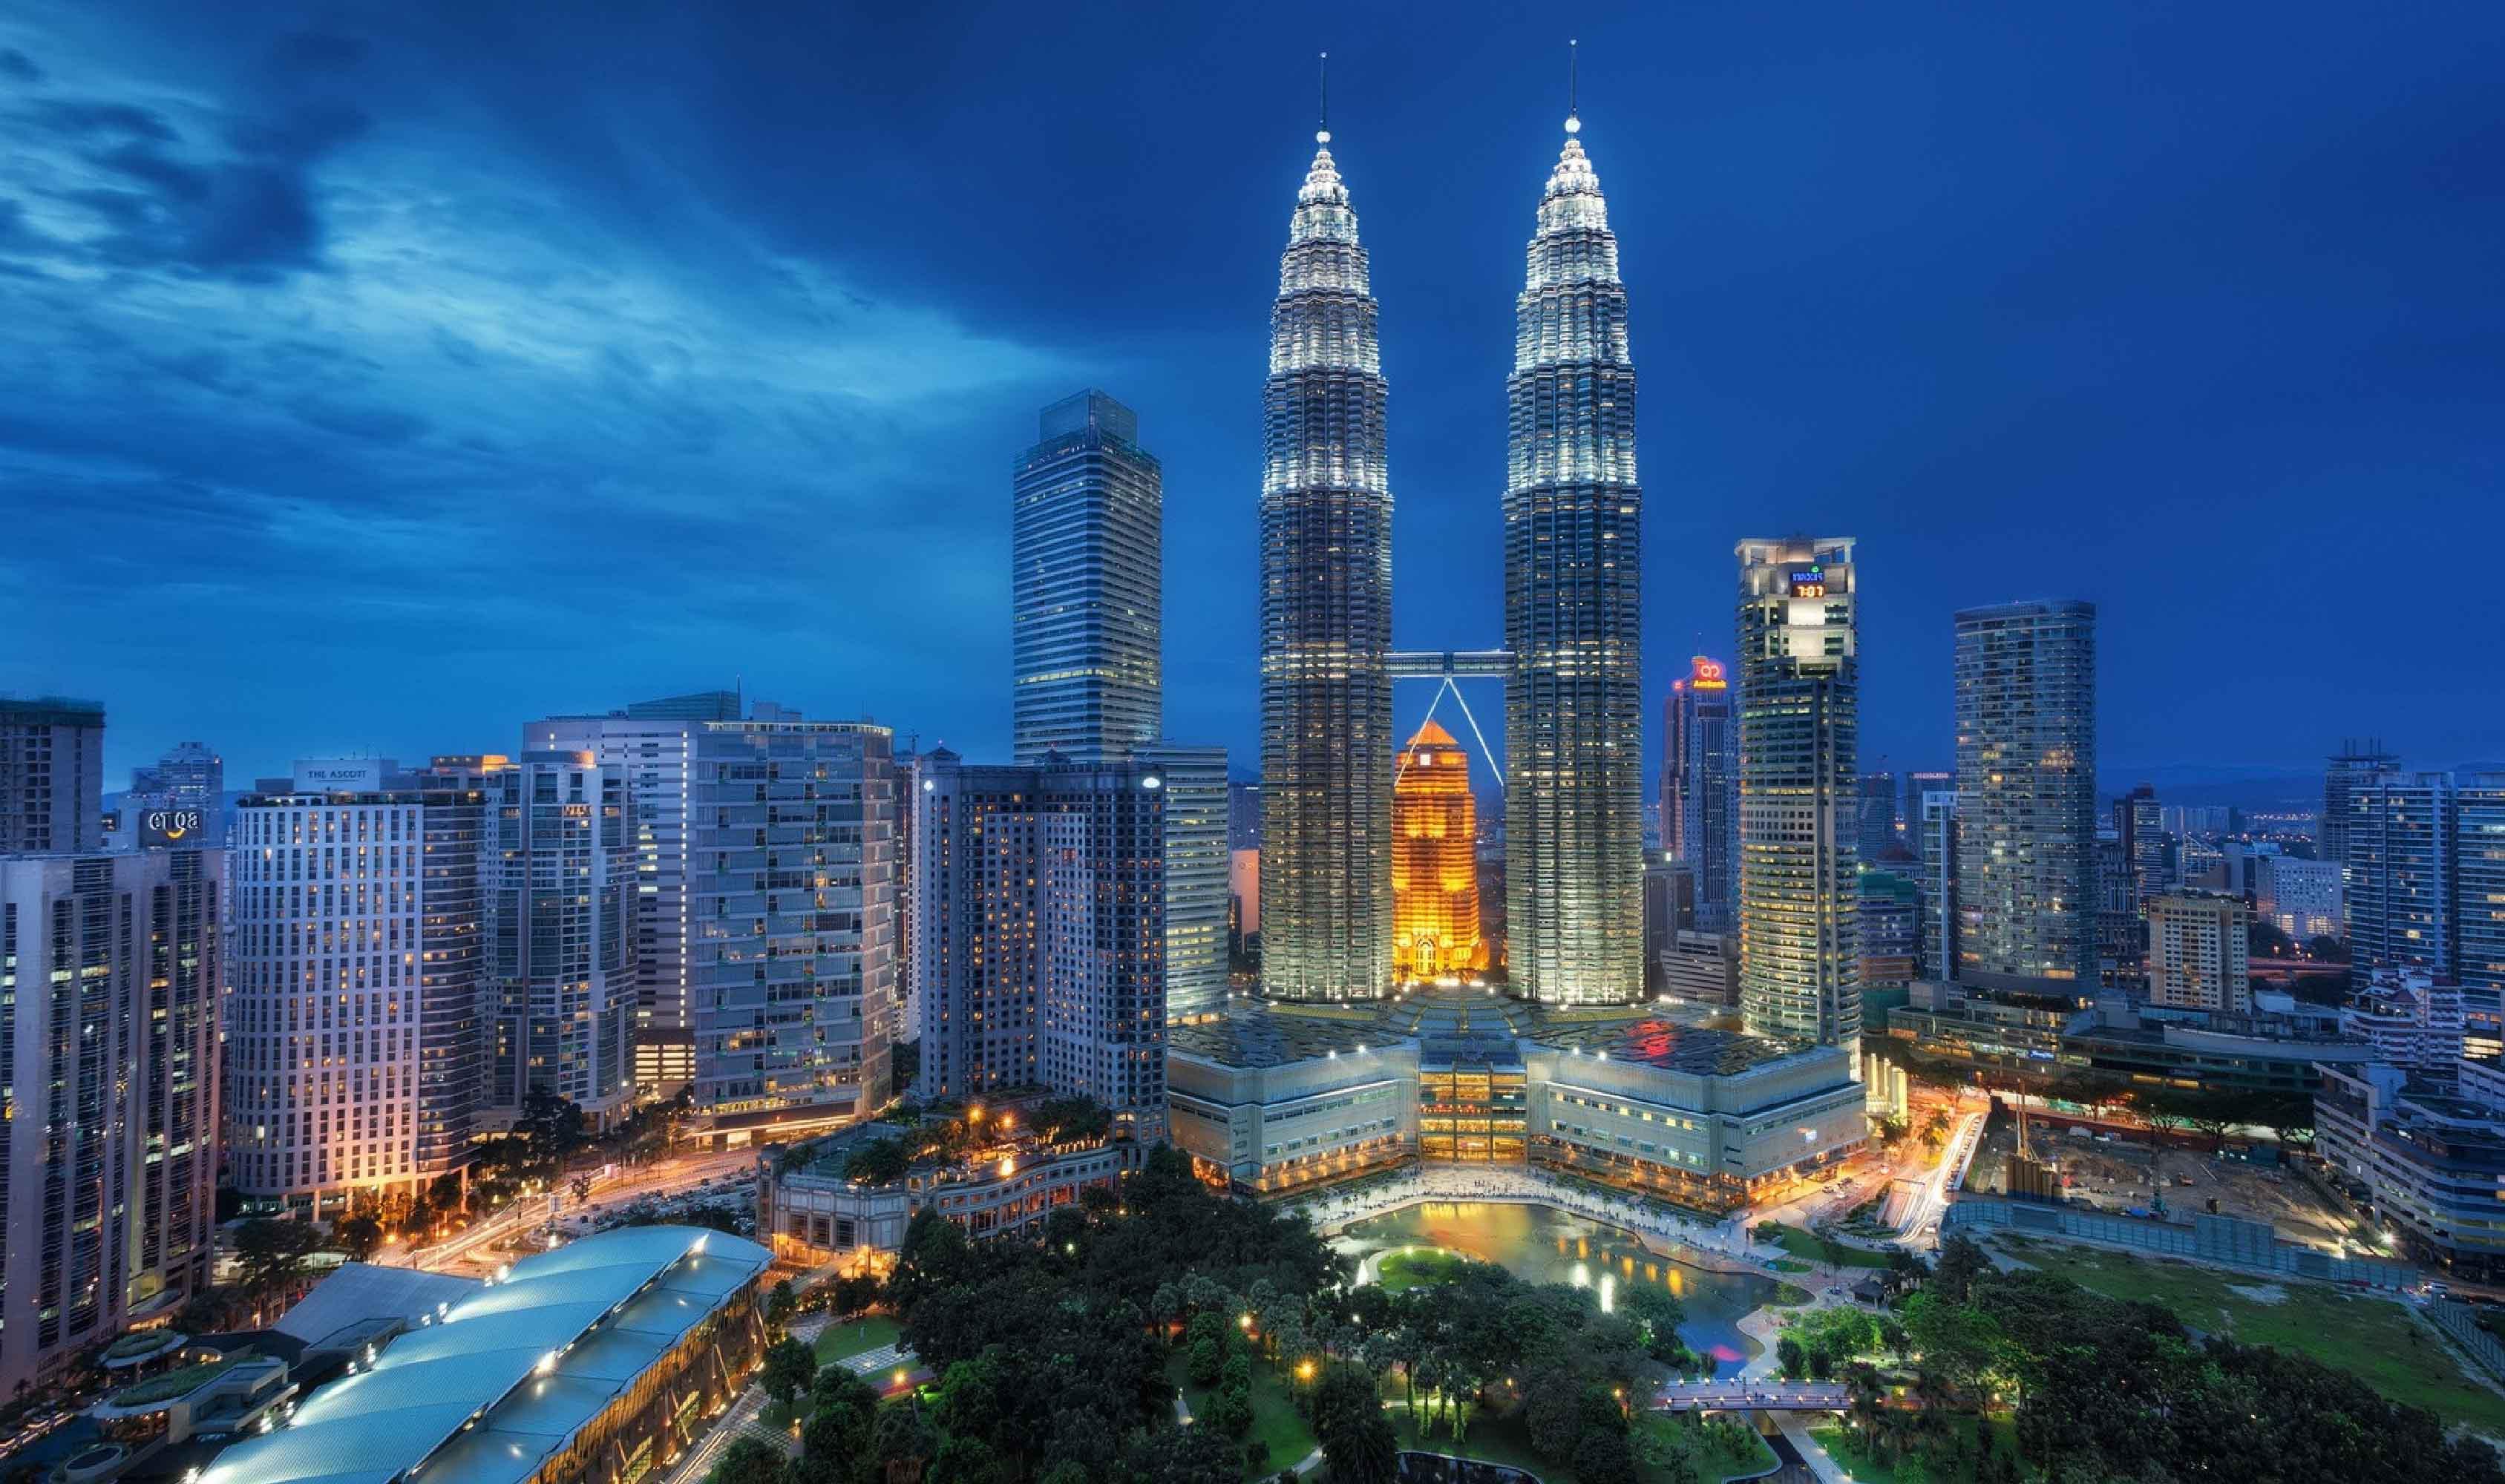 ทัวร์มาเลเซีย SUPERB SUPREME MALAYSIA 3 วัน 2 คืน บินมาเลเซียแอร์ไลน์(MH)